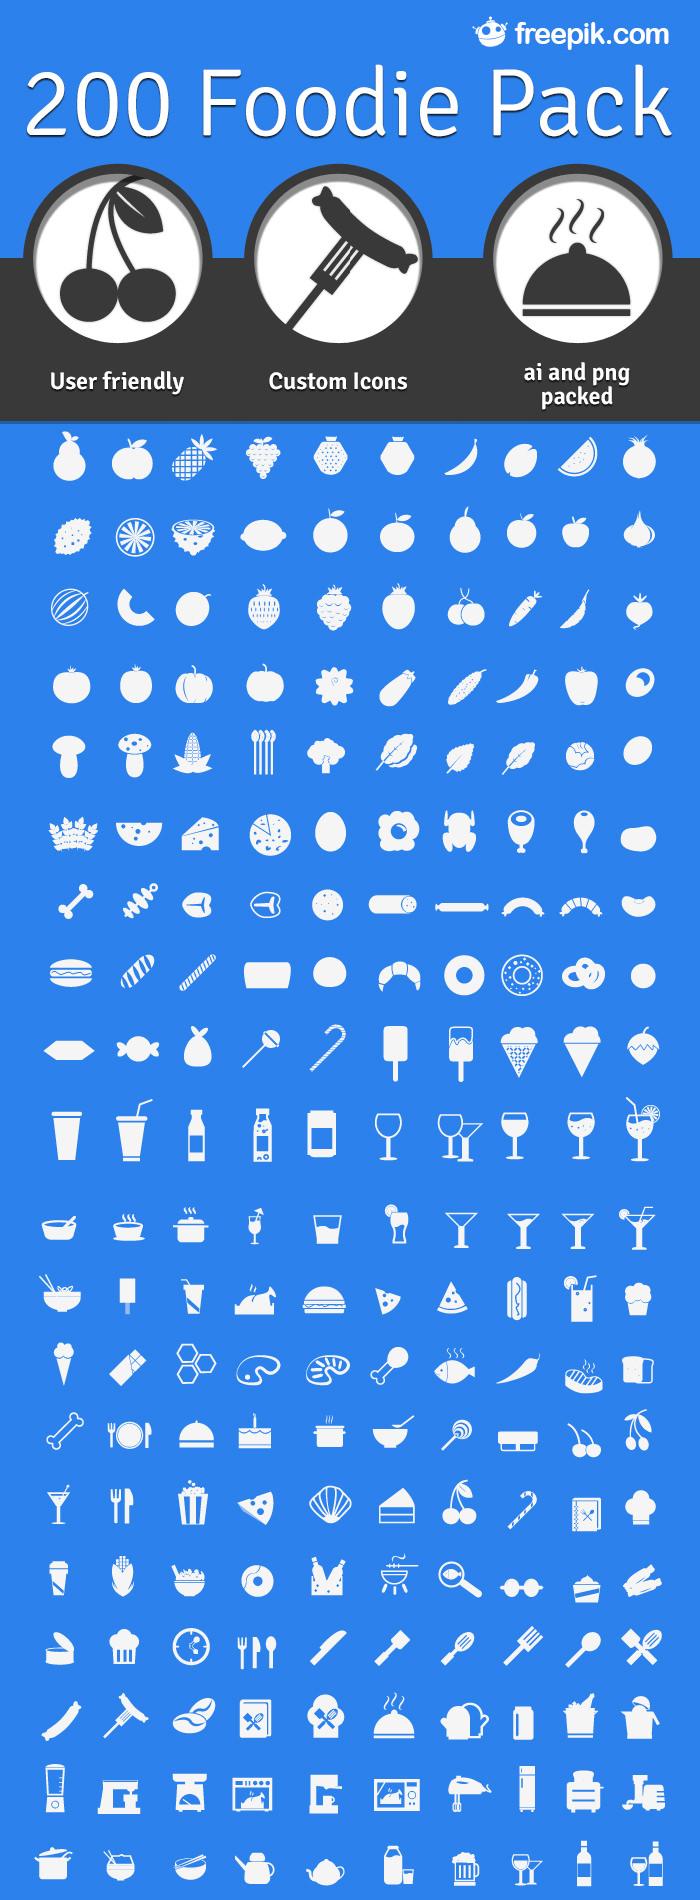 12 подборок иконок с плоским дизайном